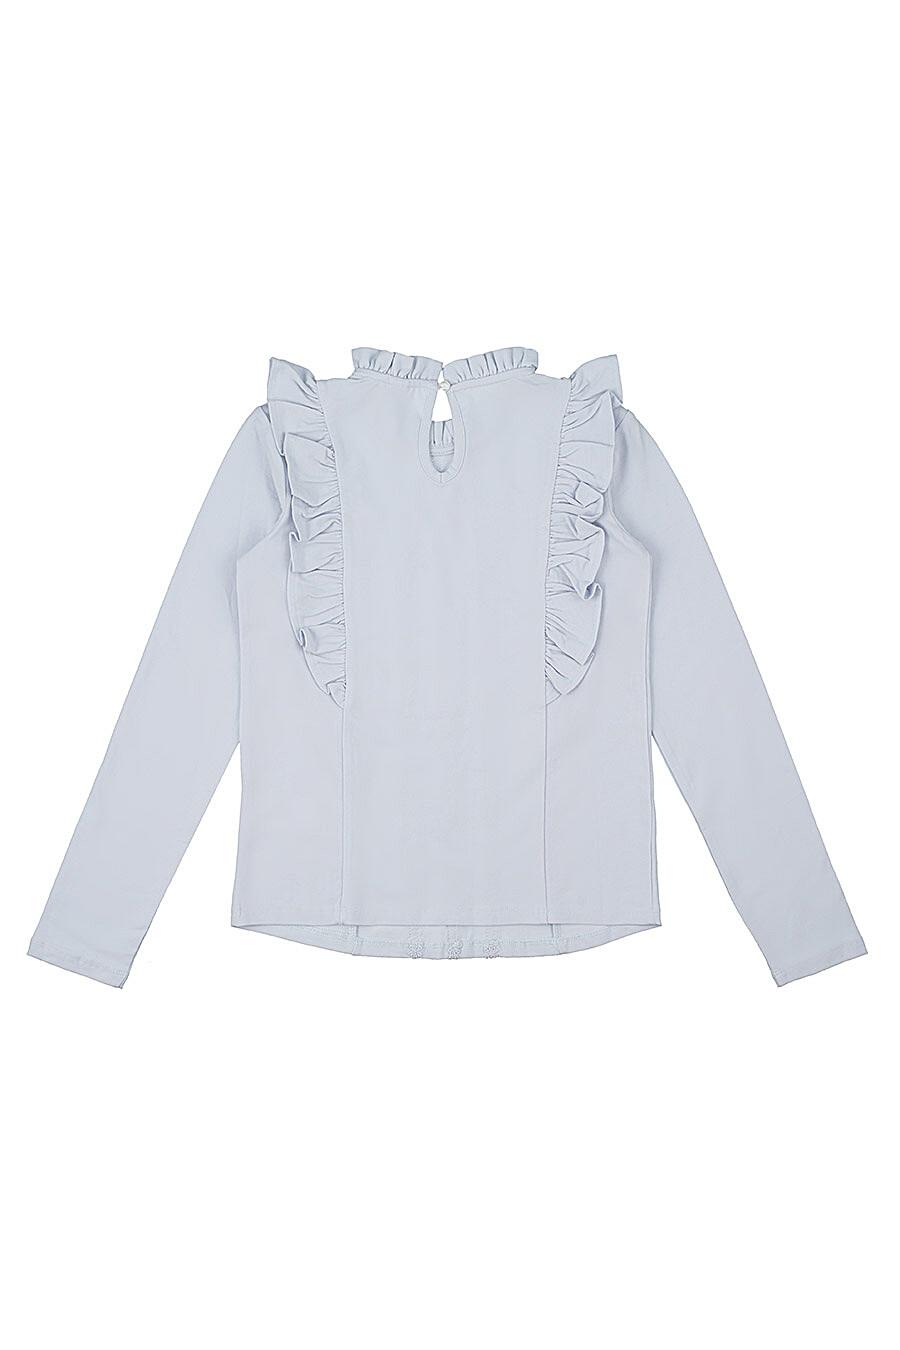 Блуза для девочек IN FUNT 219015 купить оптом от производителя. Совместная покупка детской одежды в OptMoyo